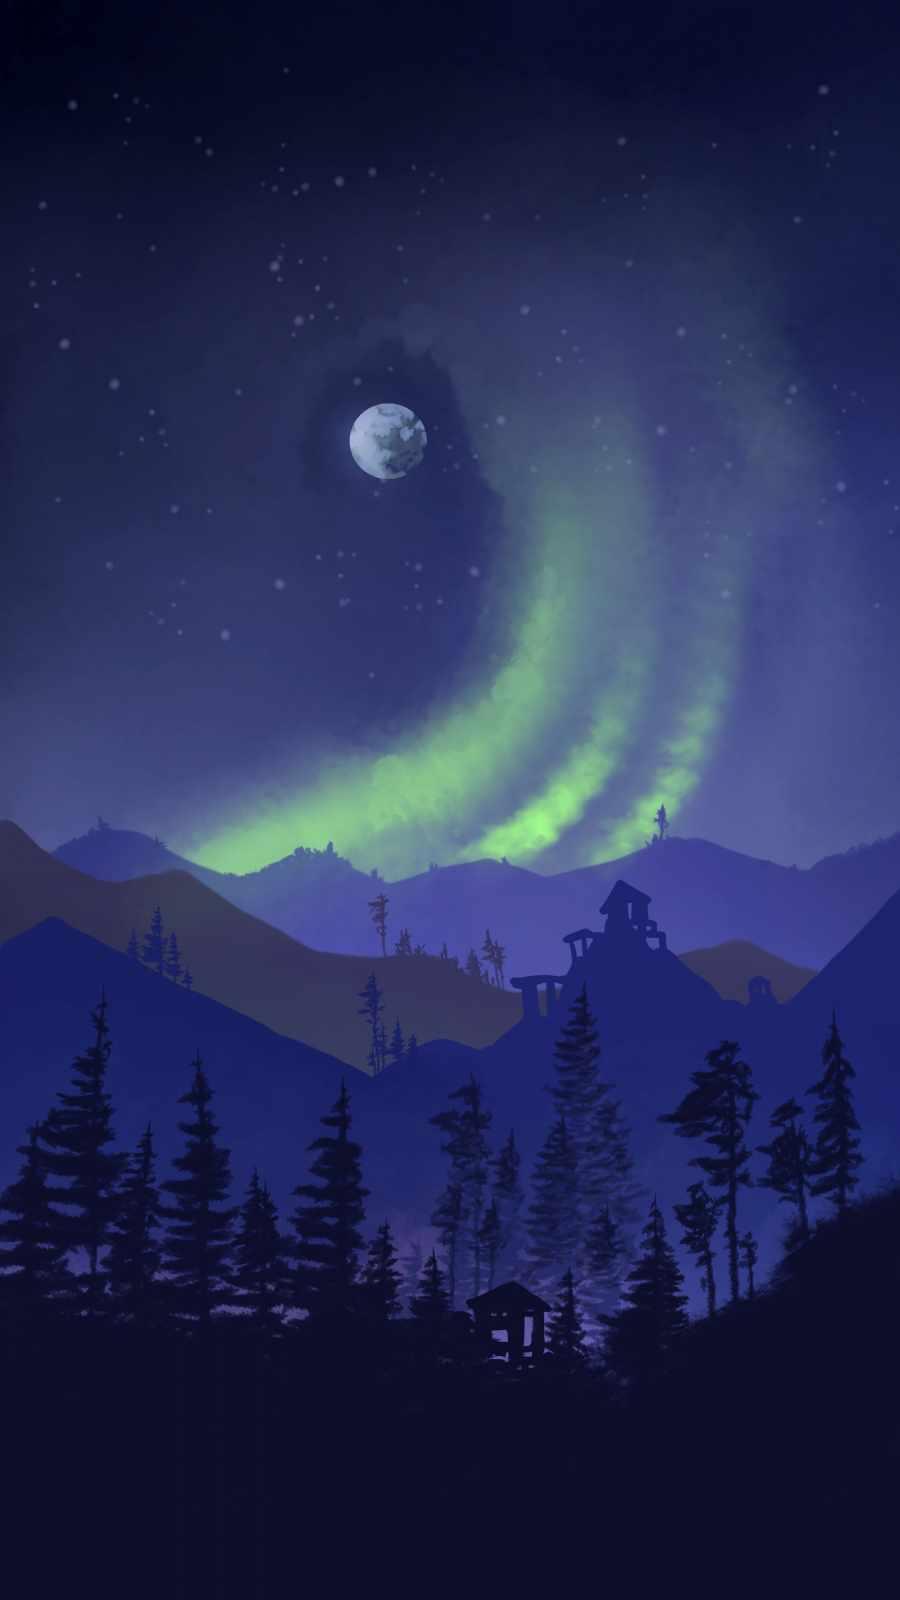 Aurora Night Moon Art